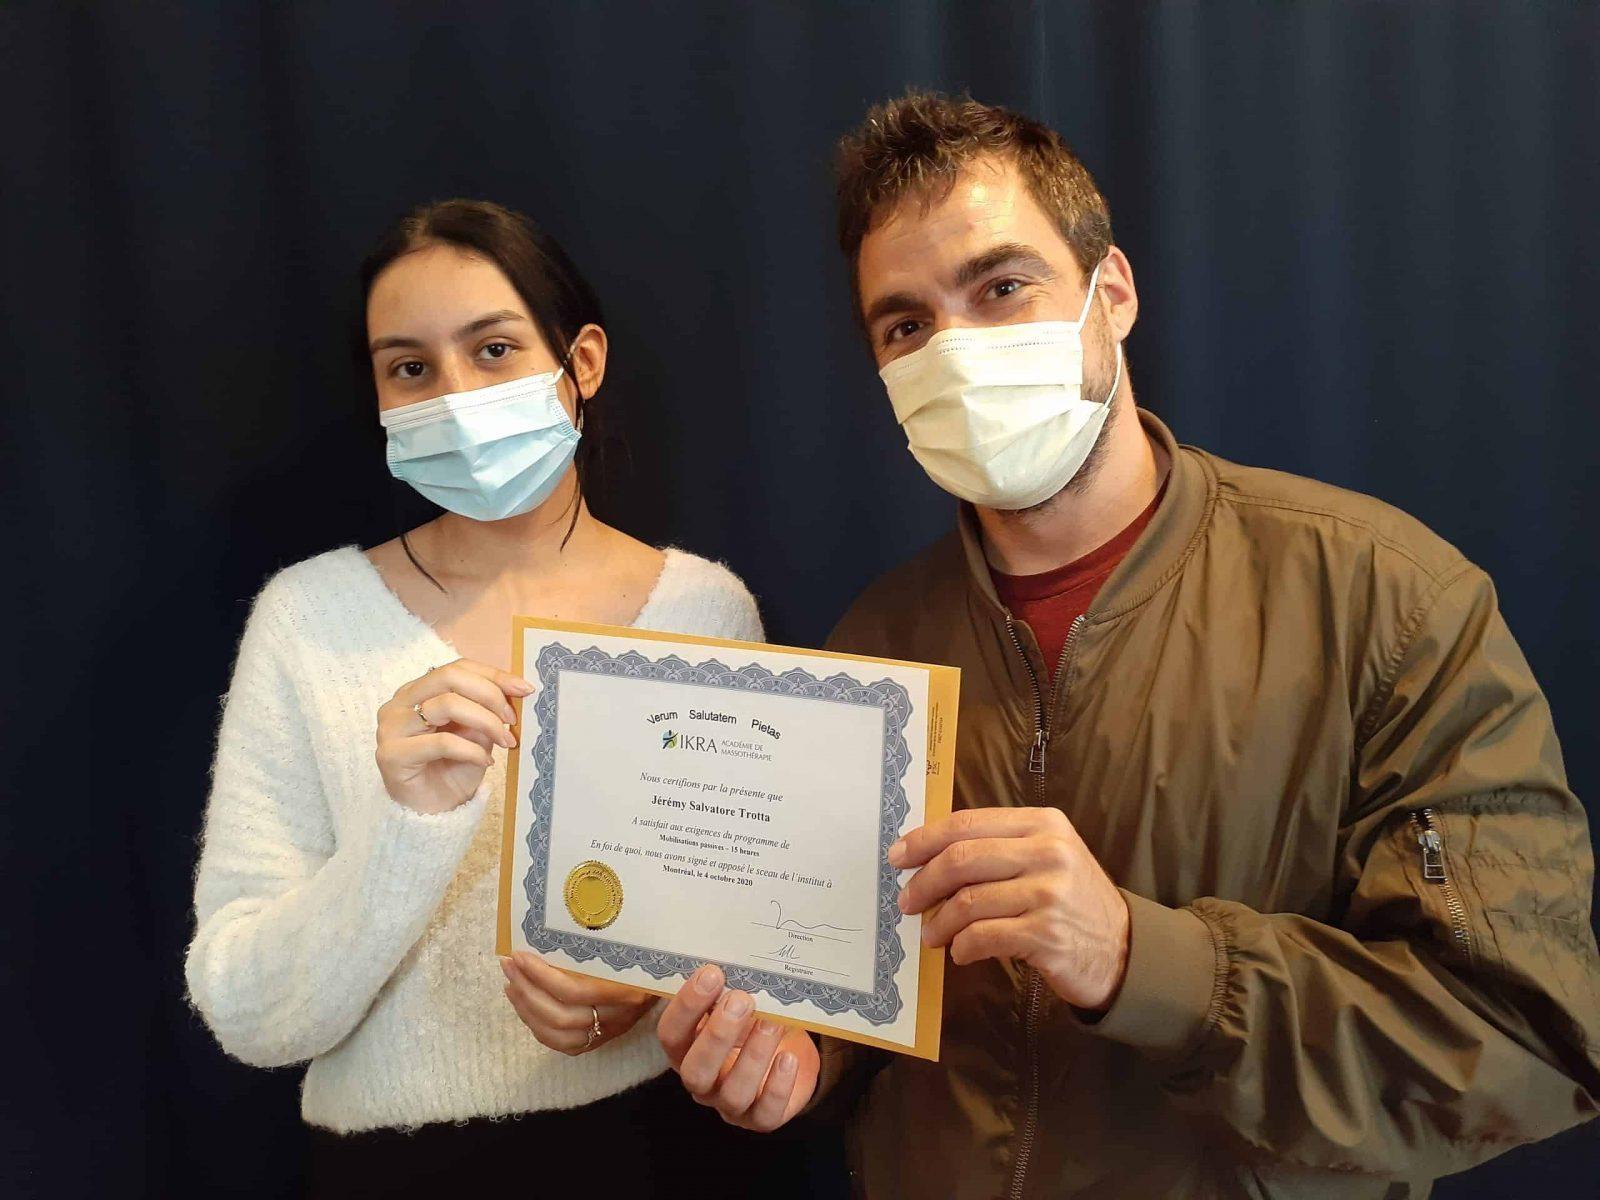 Jérémy Trotta reçoit son diplôme de l'académie de massothérapie IKRA